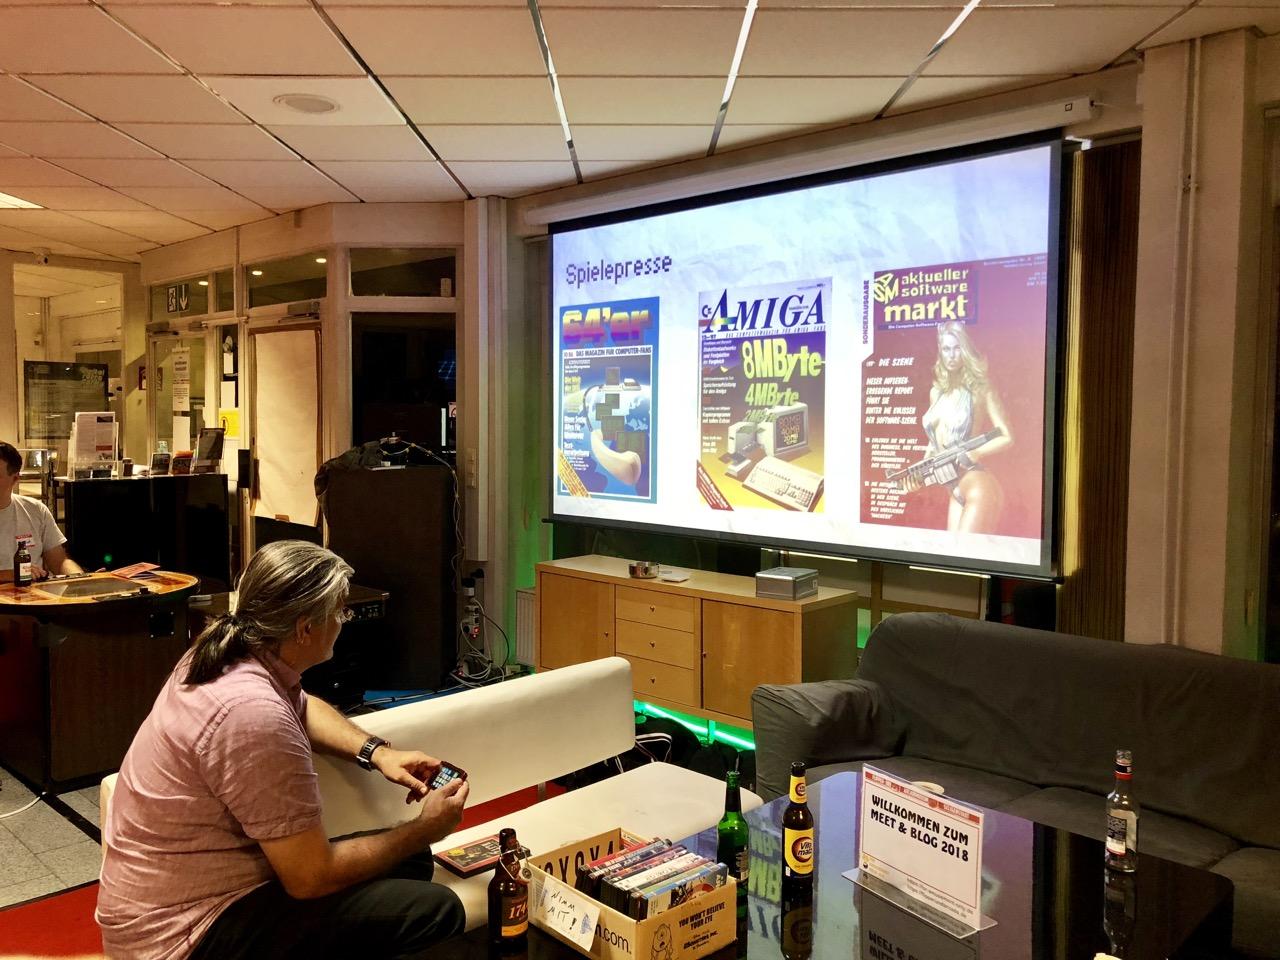 Beim Vortrag über den Umgang mit Videospielgeschichte im modernen Journalismus. (Bild: André Eymann)